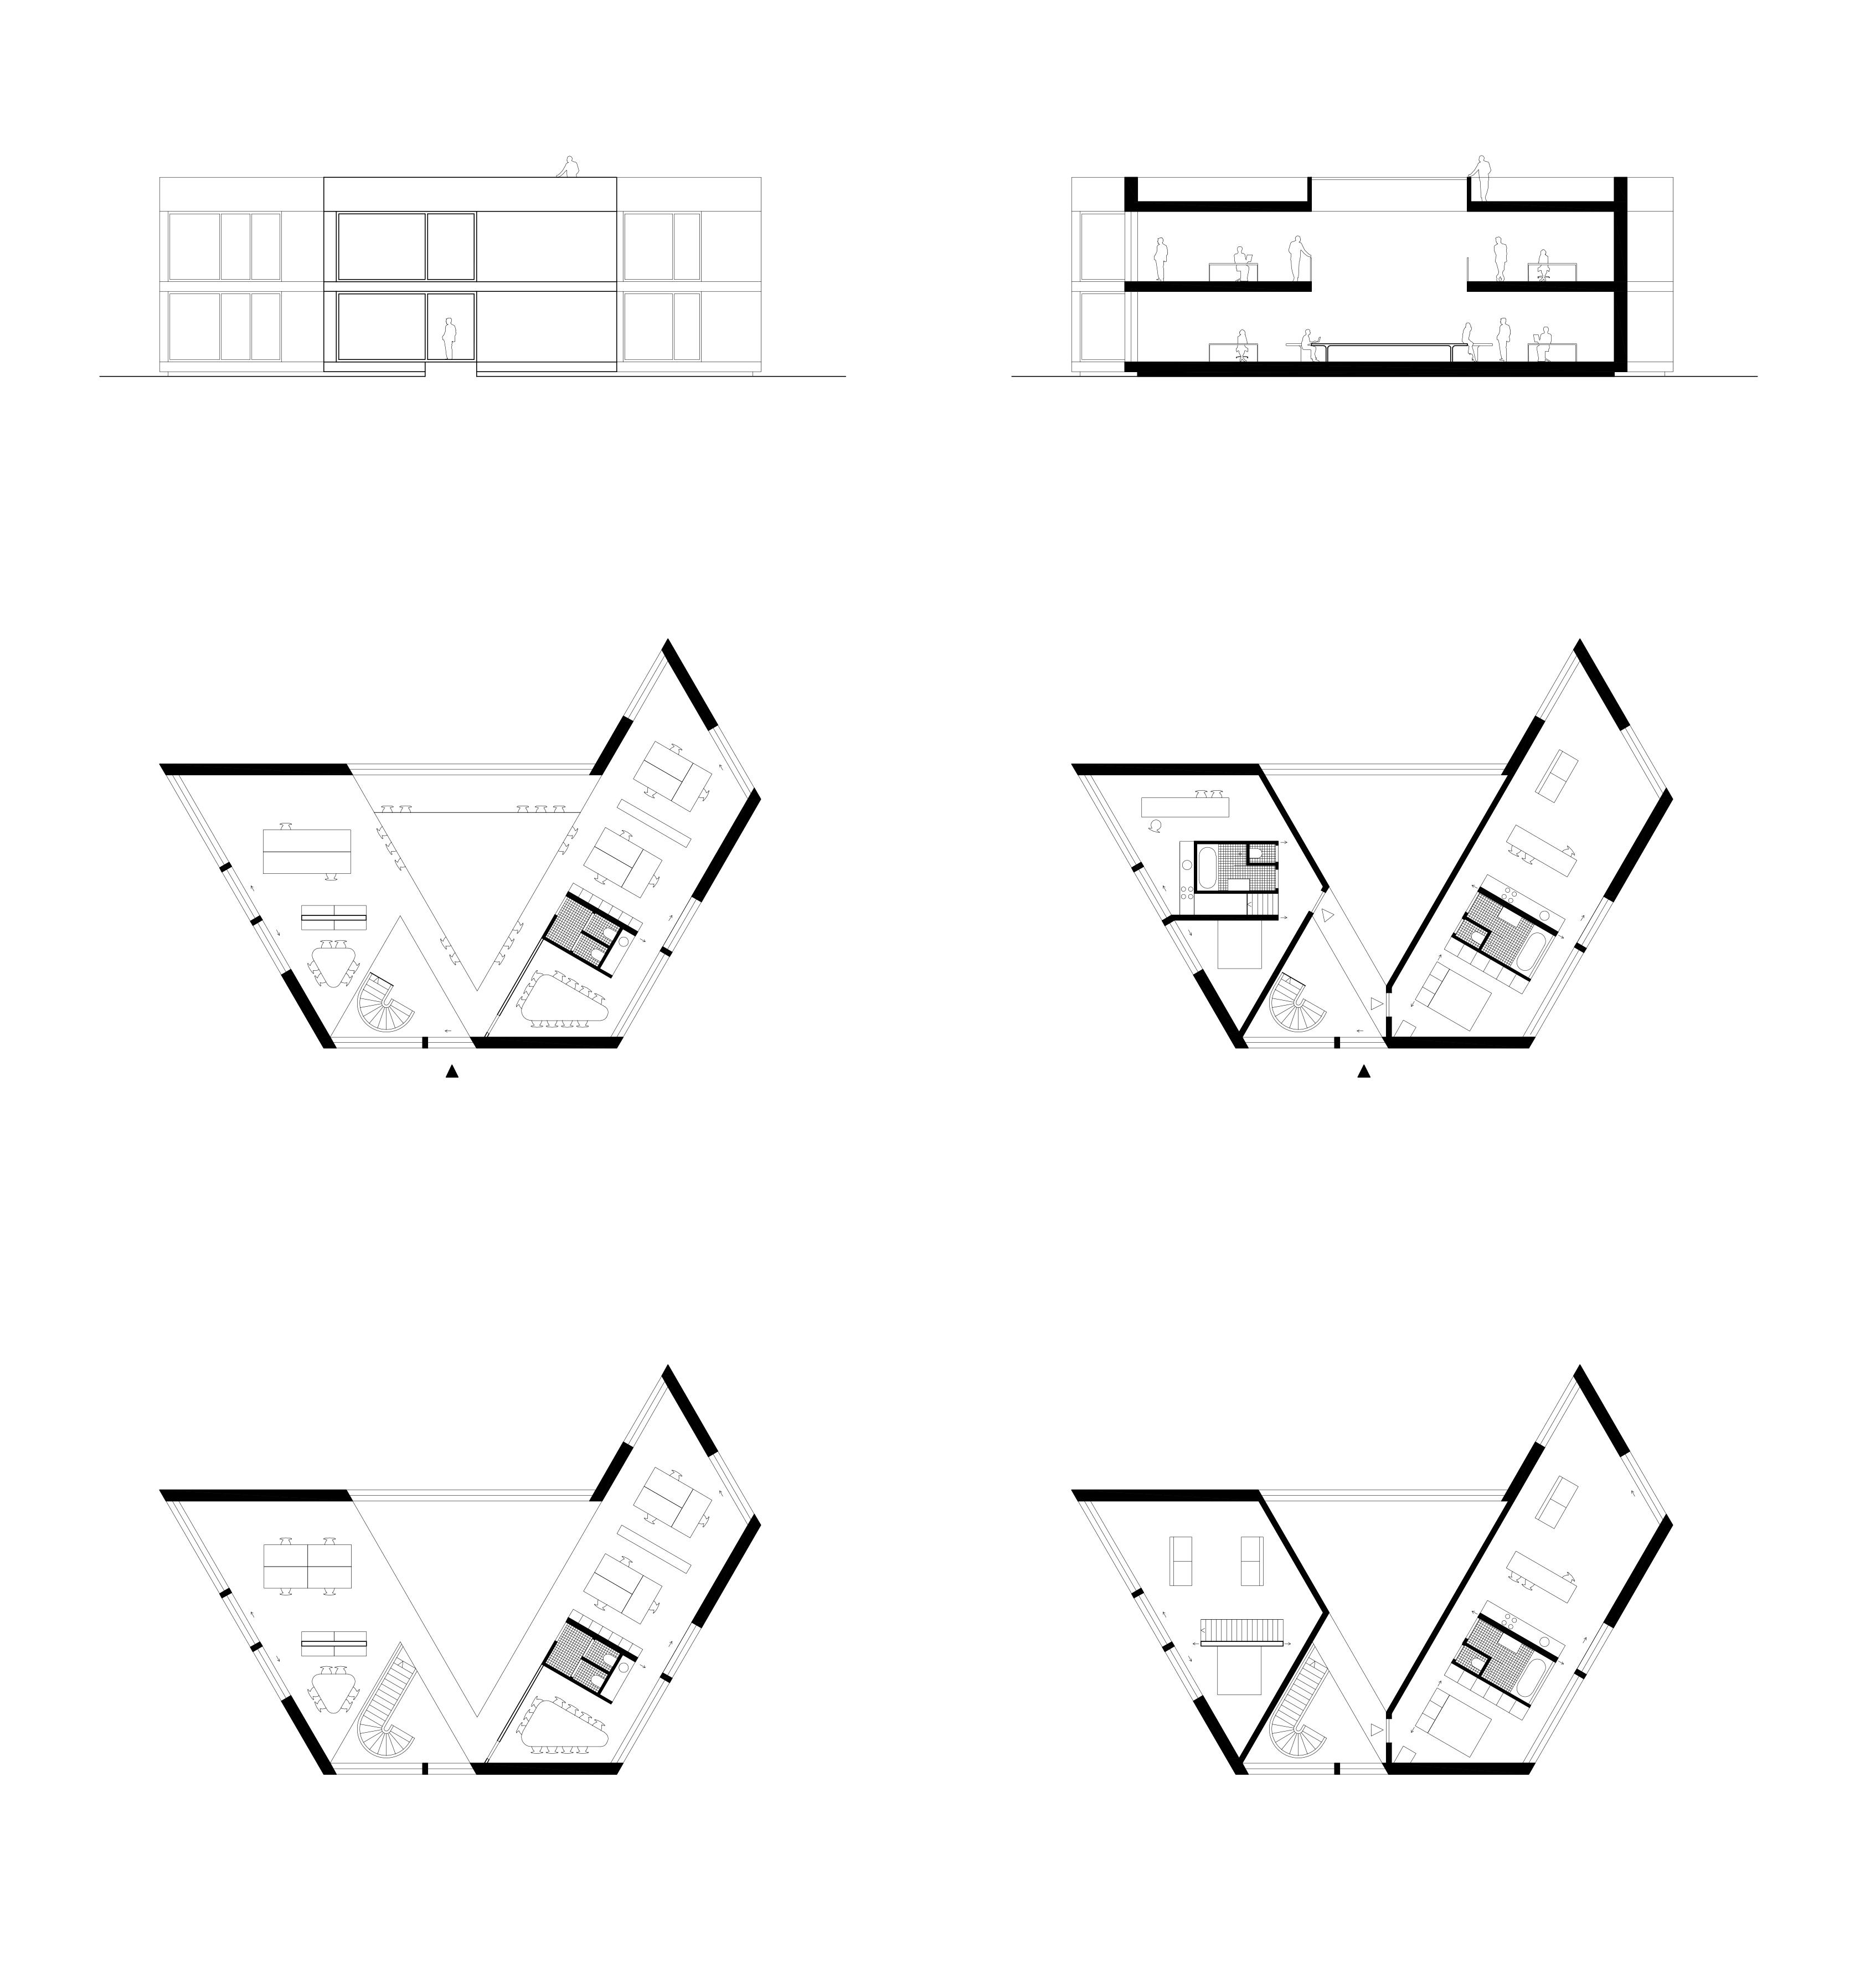 Tekeningen van kantoorgebouw in Ijsselmuiden, provincie Overijssel